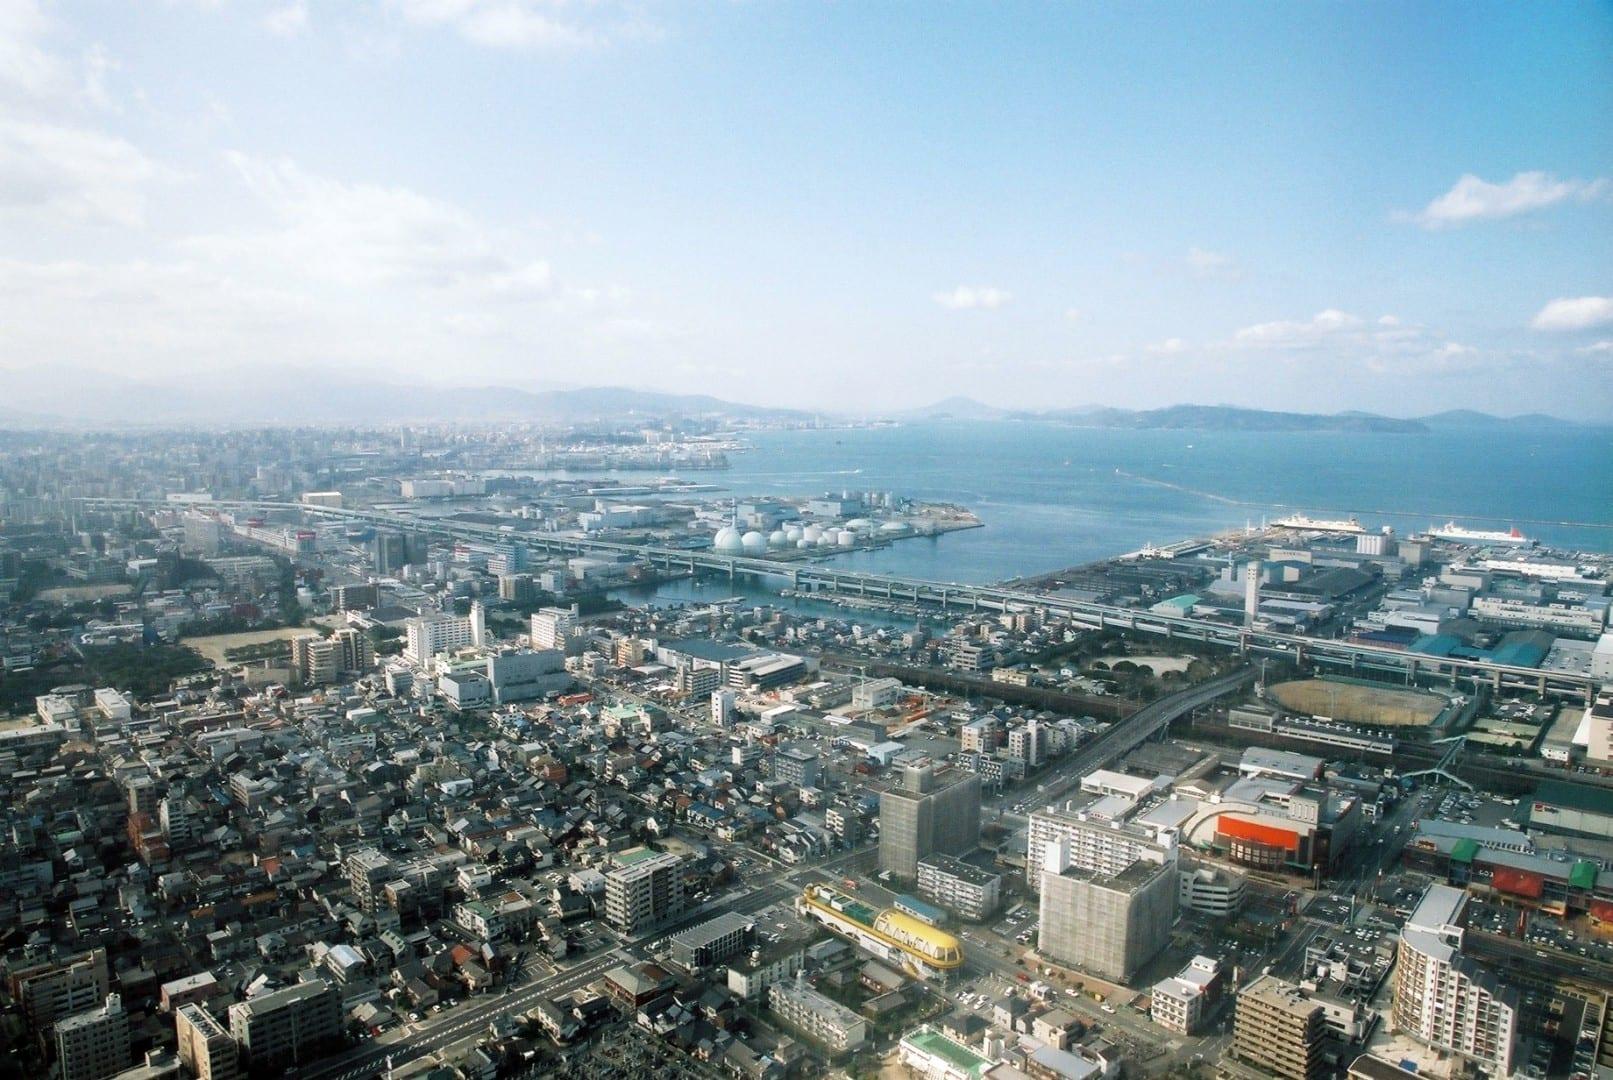 El puerto de Hakata en Fukuoka, visto desde un avión de aterrizaje Fukuoka Japón